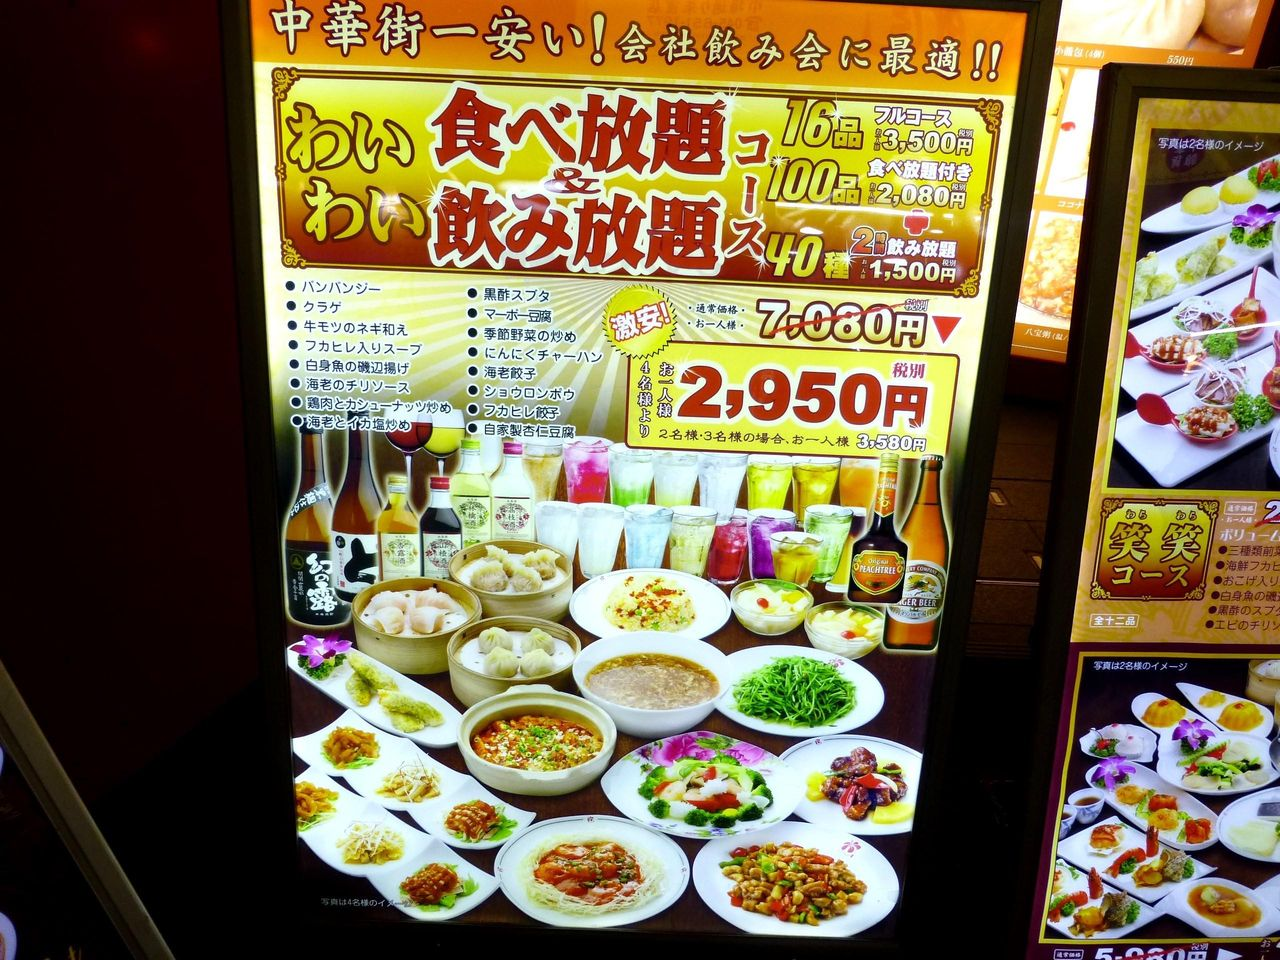 4人以上なら食べ飲み放題1人2950円(税別)